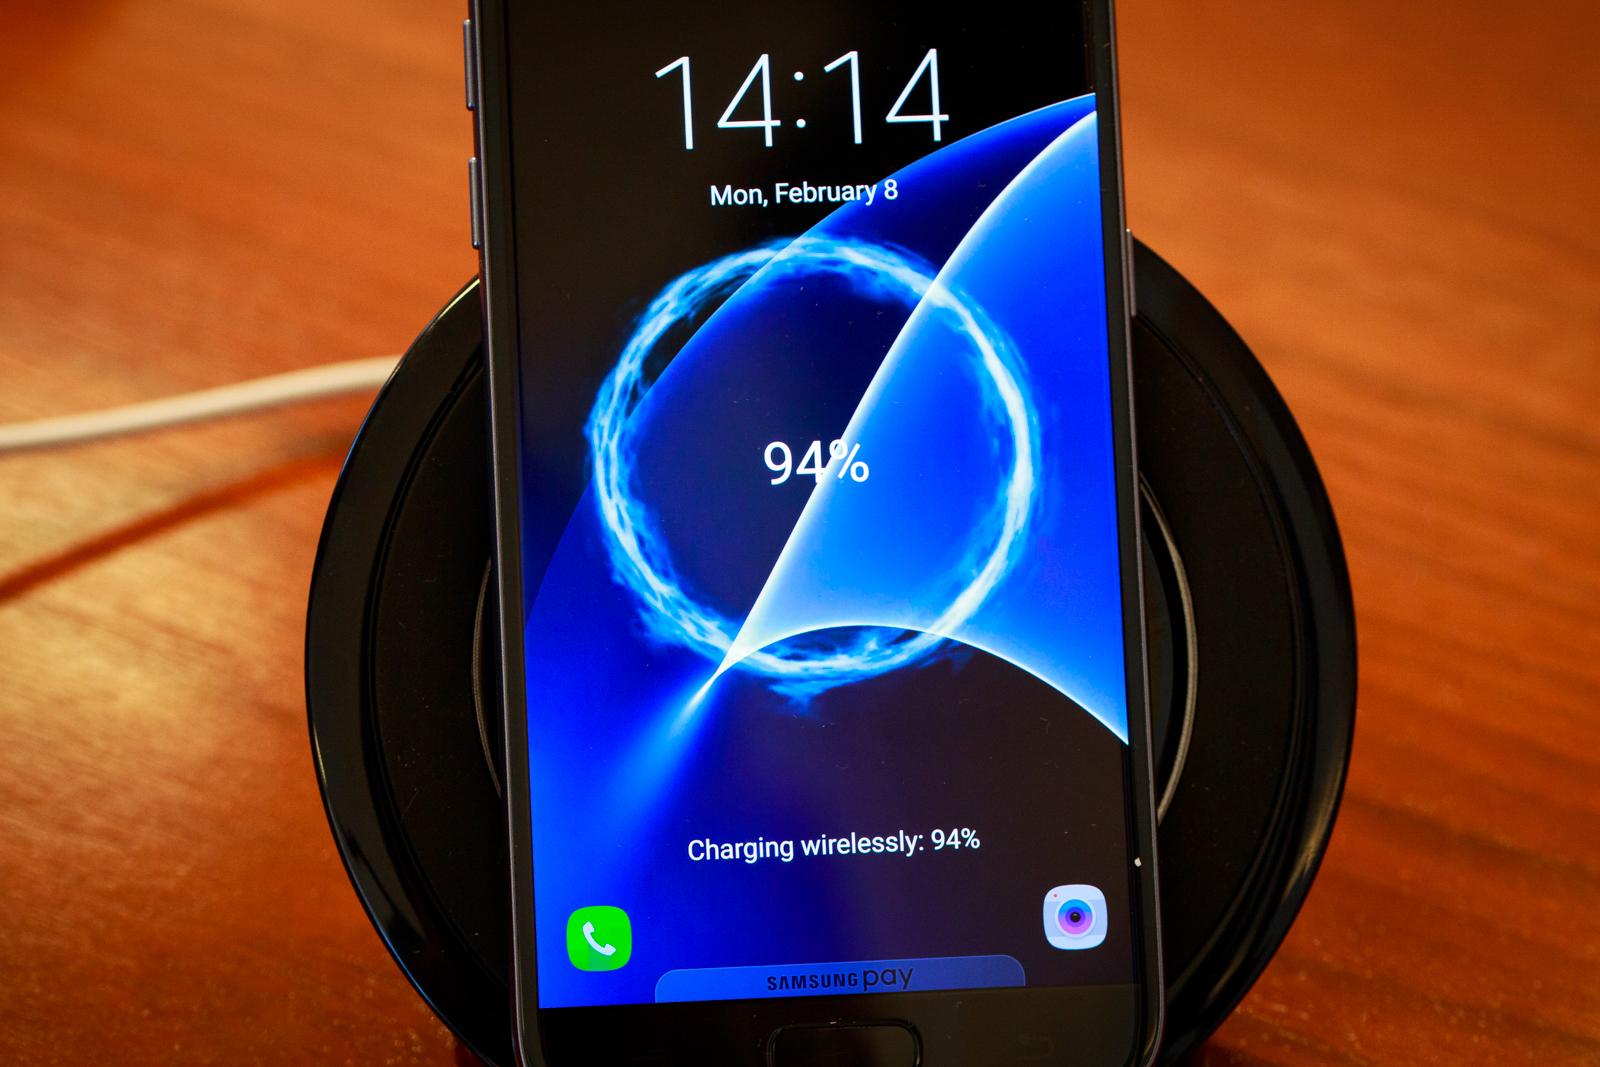 Galaxy-S7-has powerful battery of 3000 mAh